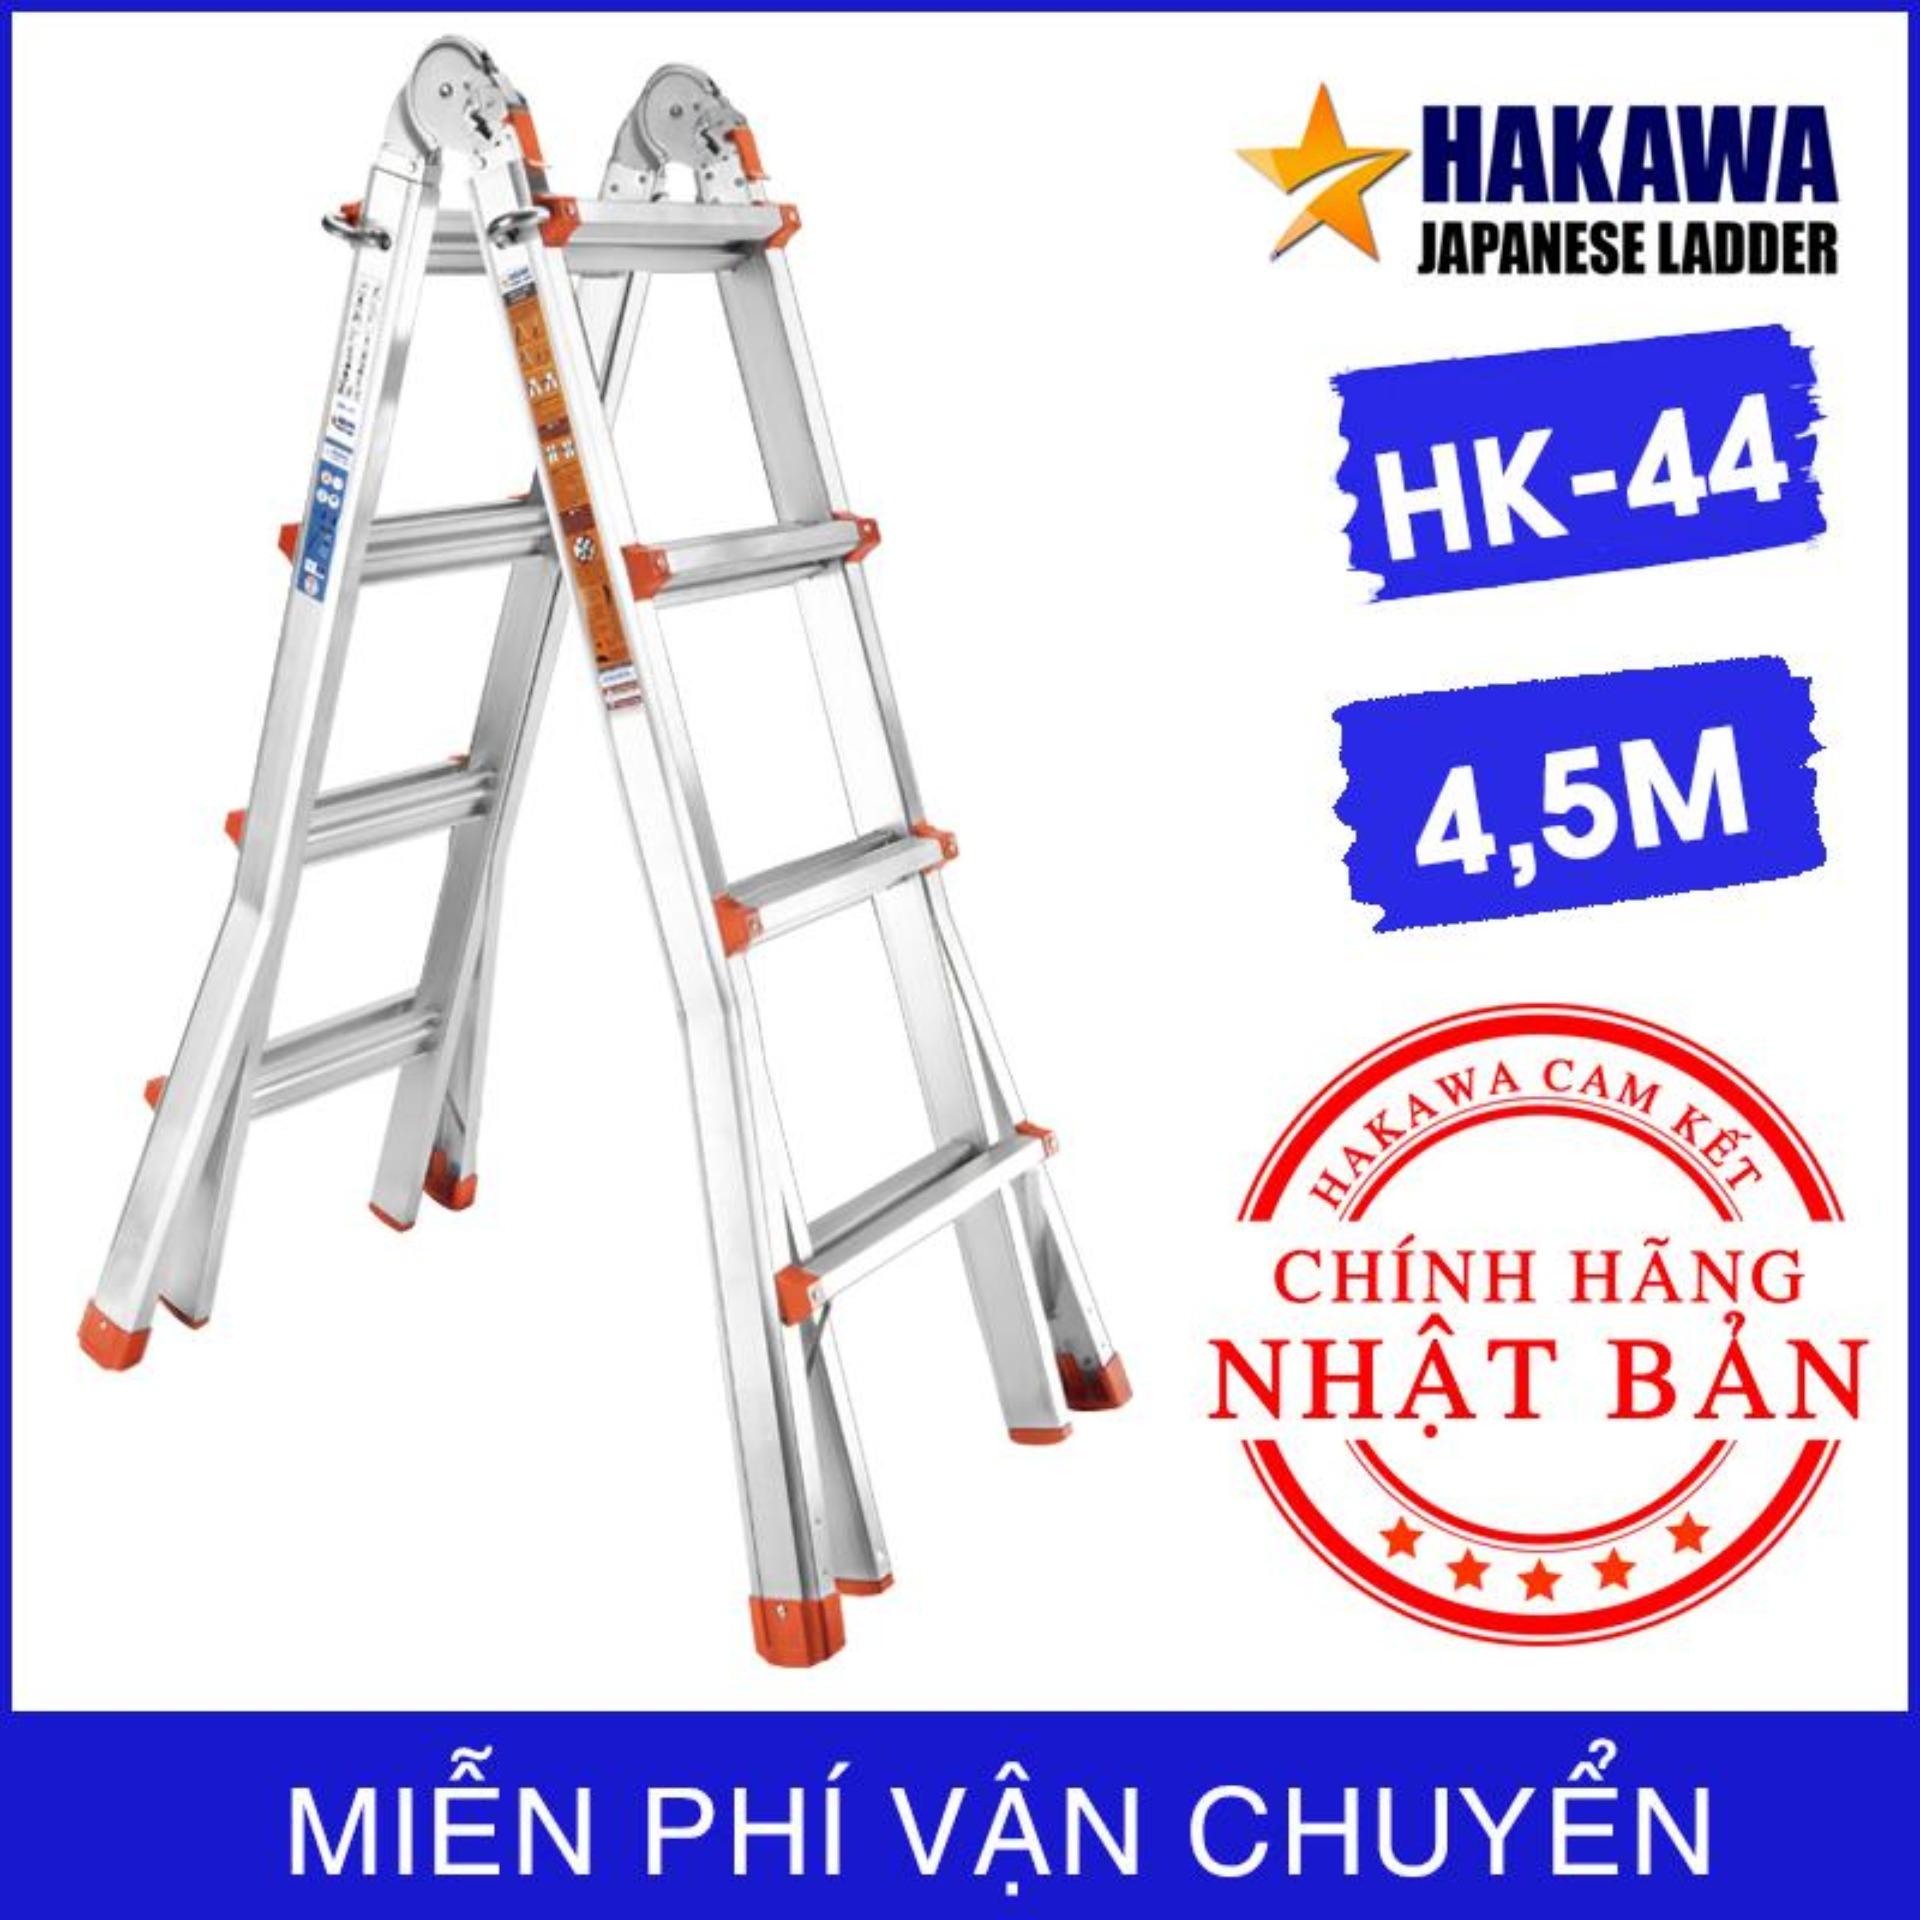 THANG NHÔM TRƯỢT NHẬT BẢN HAKAWA HK44 - PHÂN PHỐI CHÍNH HÃNG